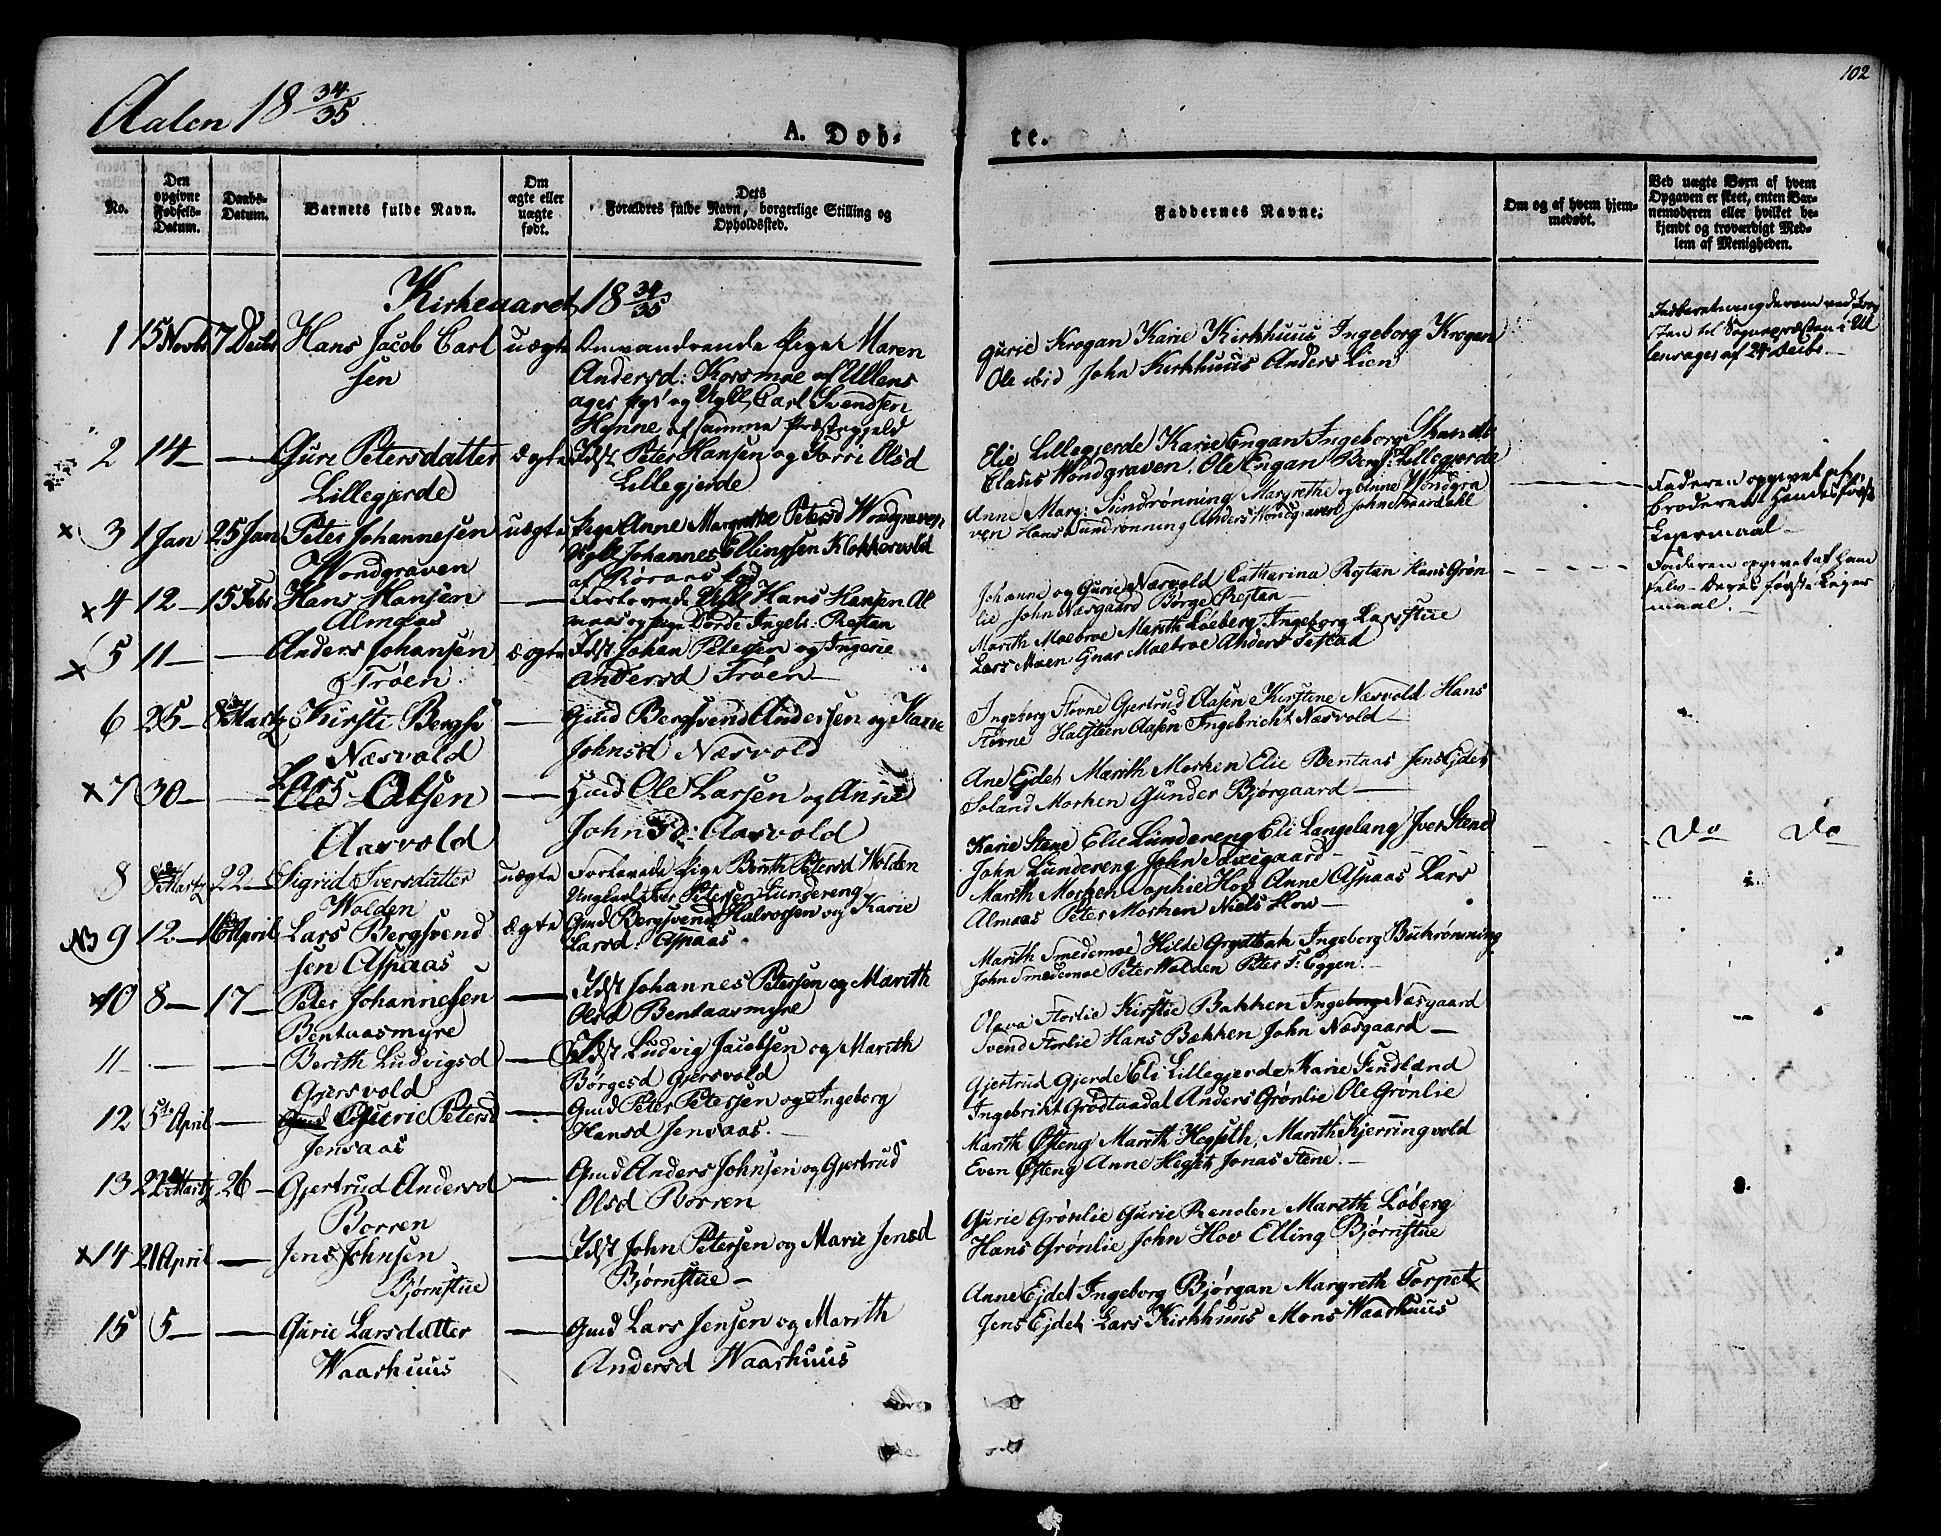 SAT, Ministerialprotokoller, klokkerbøker og fødselsregistre - Sør-Trøndelag, 685/L0959: Ministerialbok nr. 685A04 /3, 1829-1845, s. 102